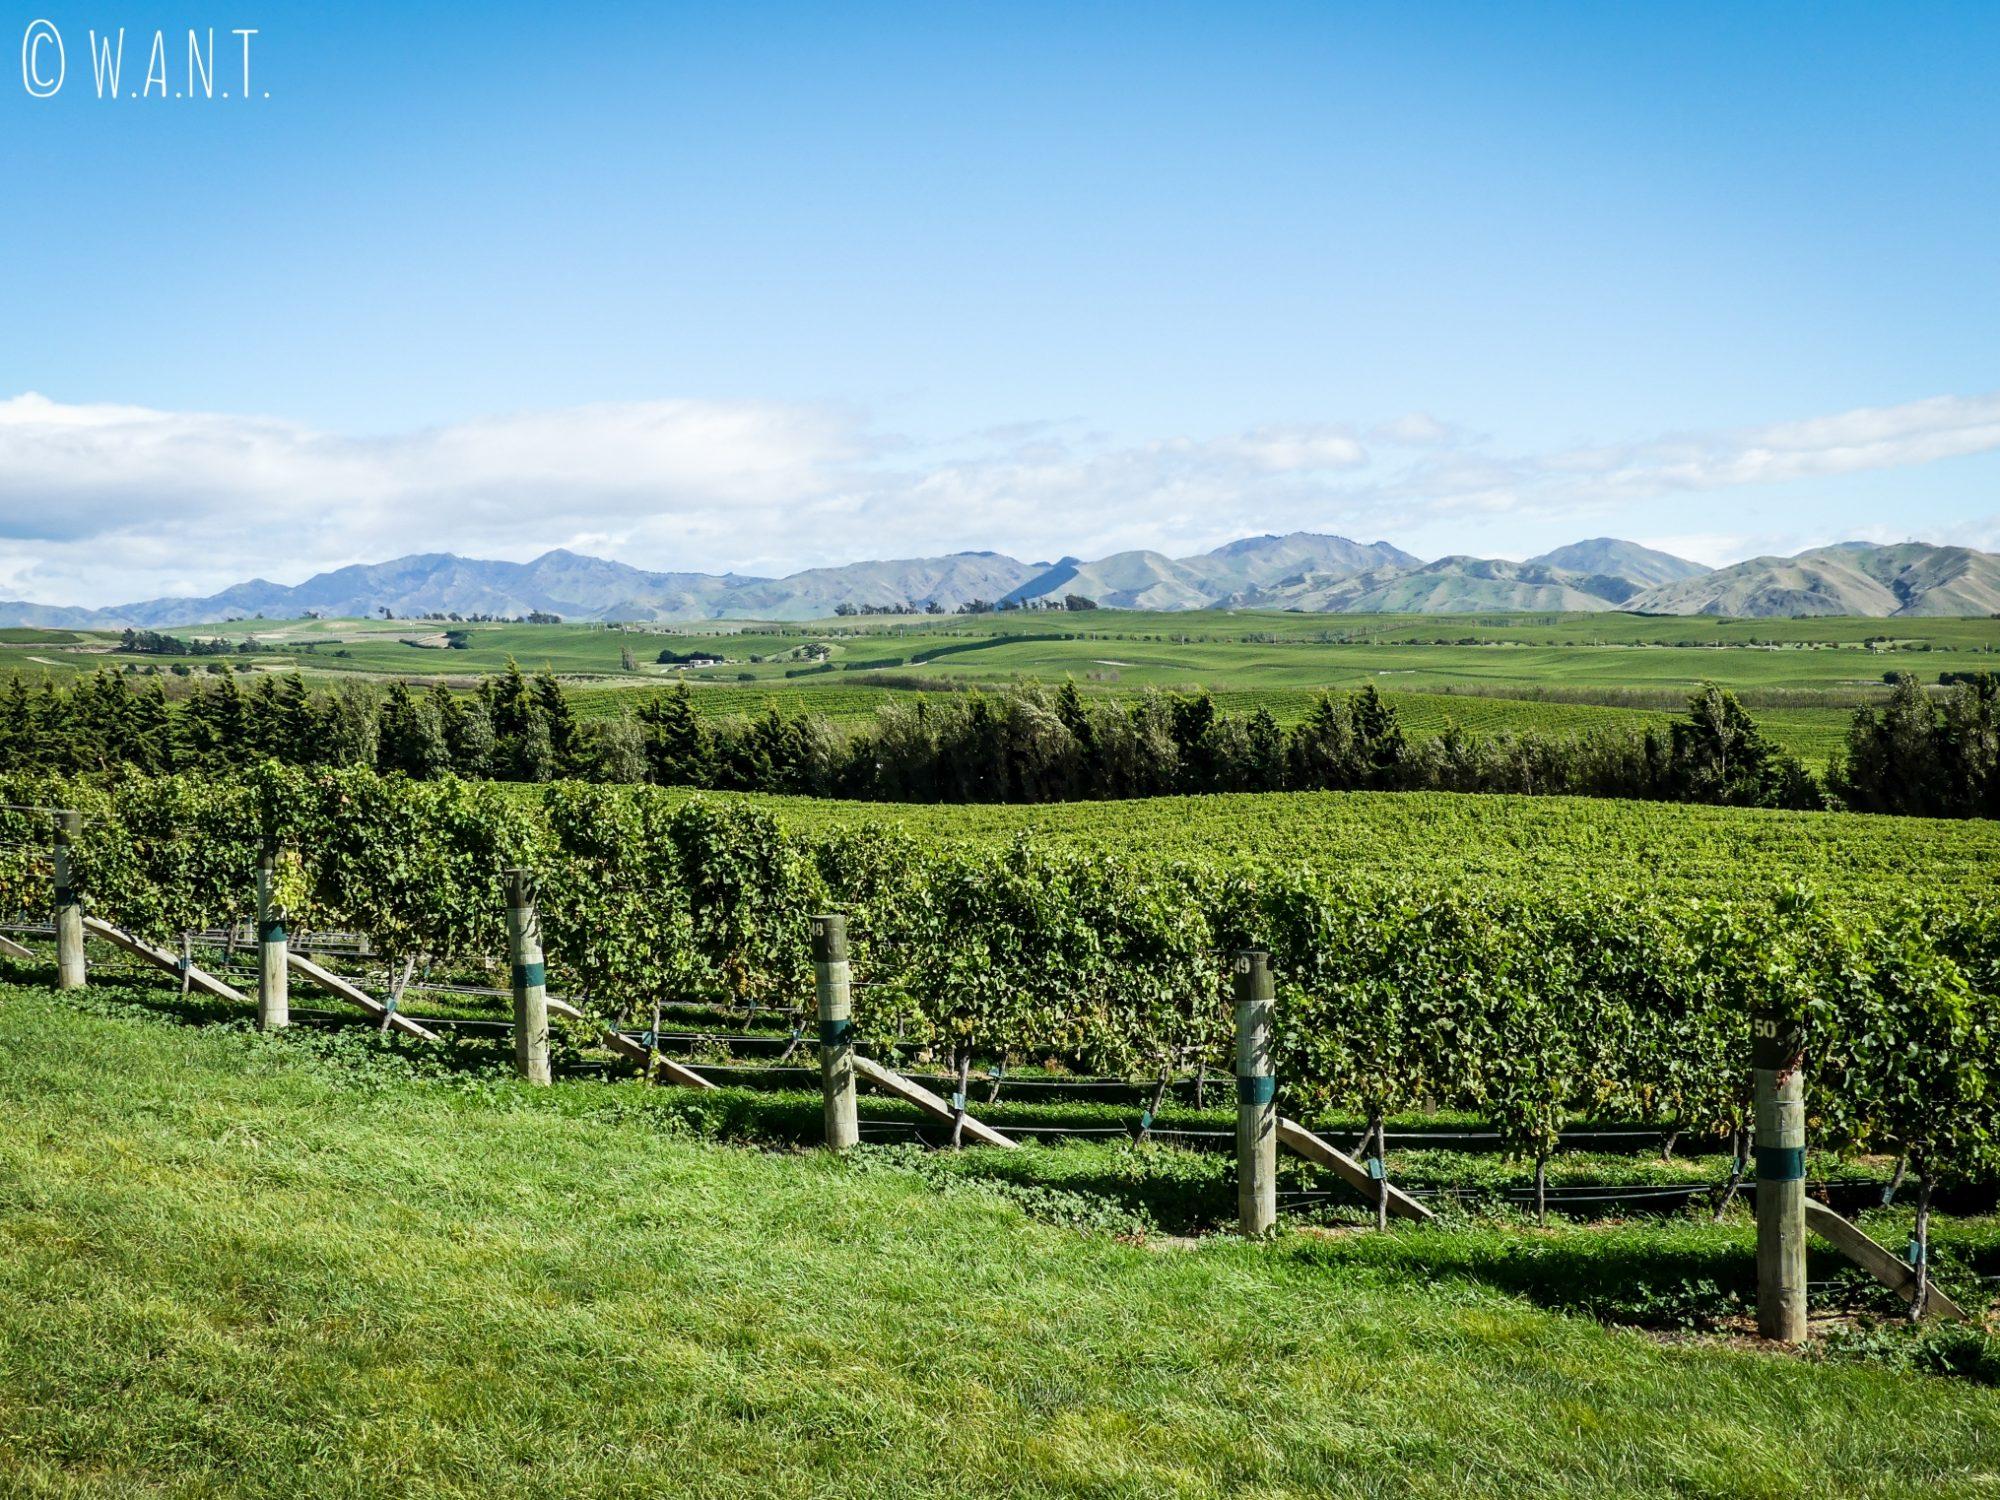 Vignes et montagnes au domaine Yealands dans la région de Malborough Sounds en Nouvelle-Zélande